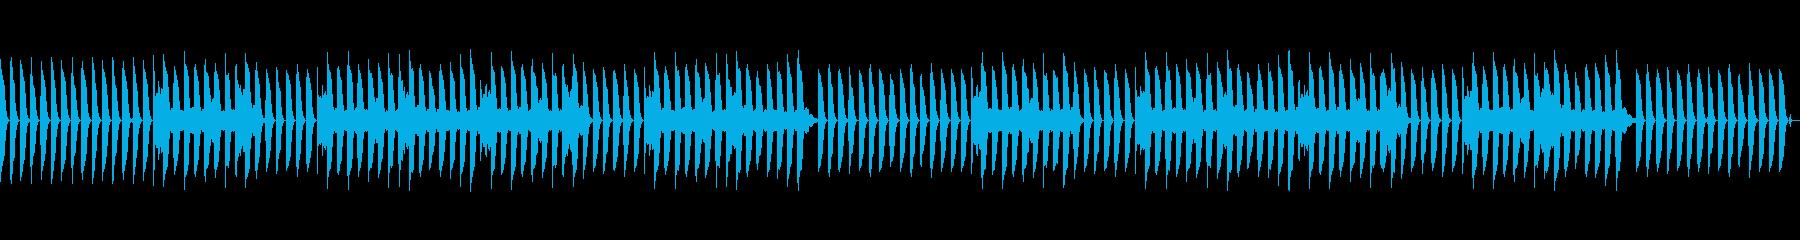 気の抜けたピアノのジングル3(ループ)の再生済みの波形